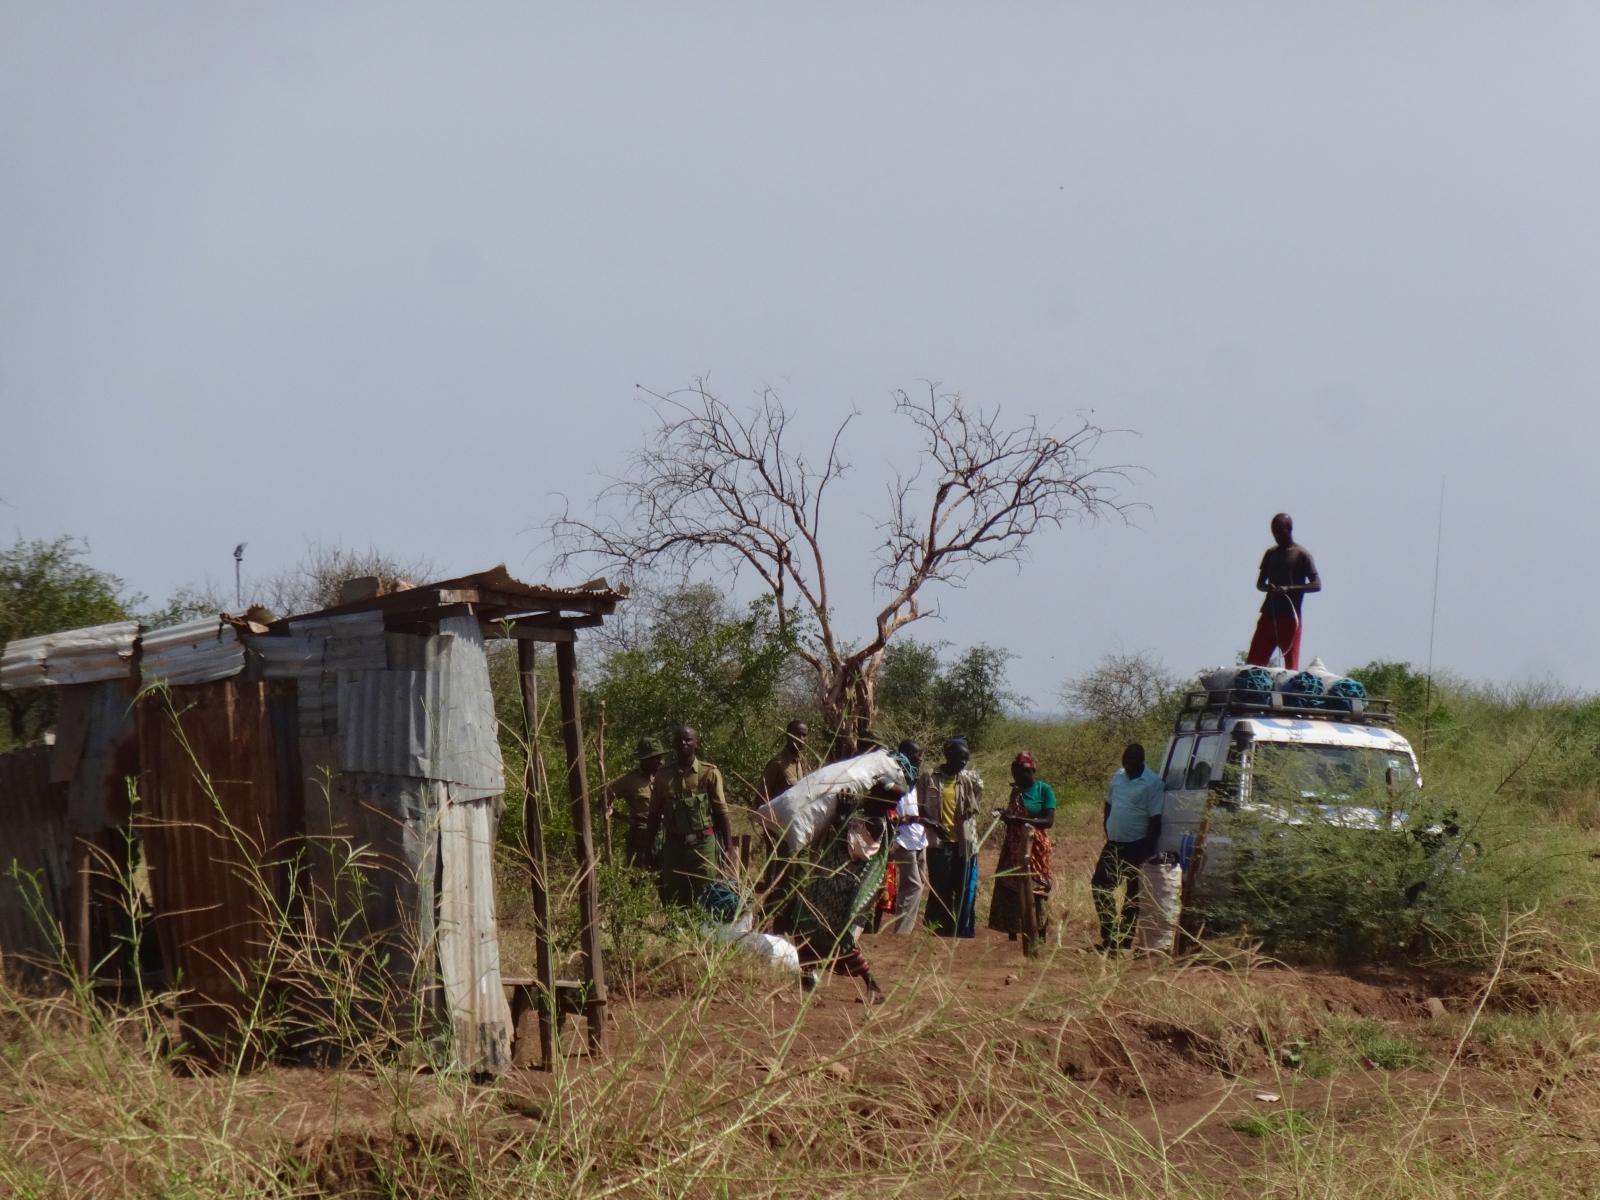 Nadapal South Sudan and Kenya border